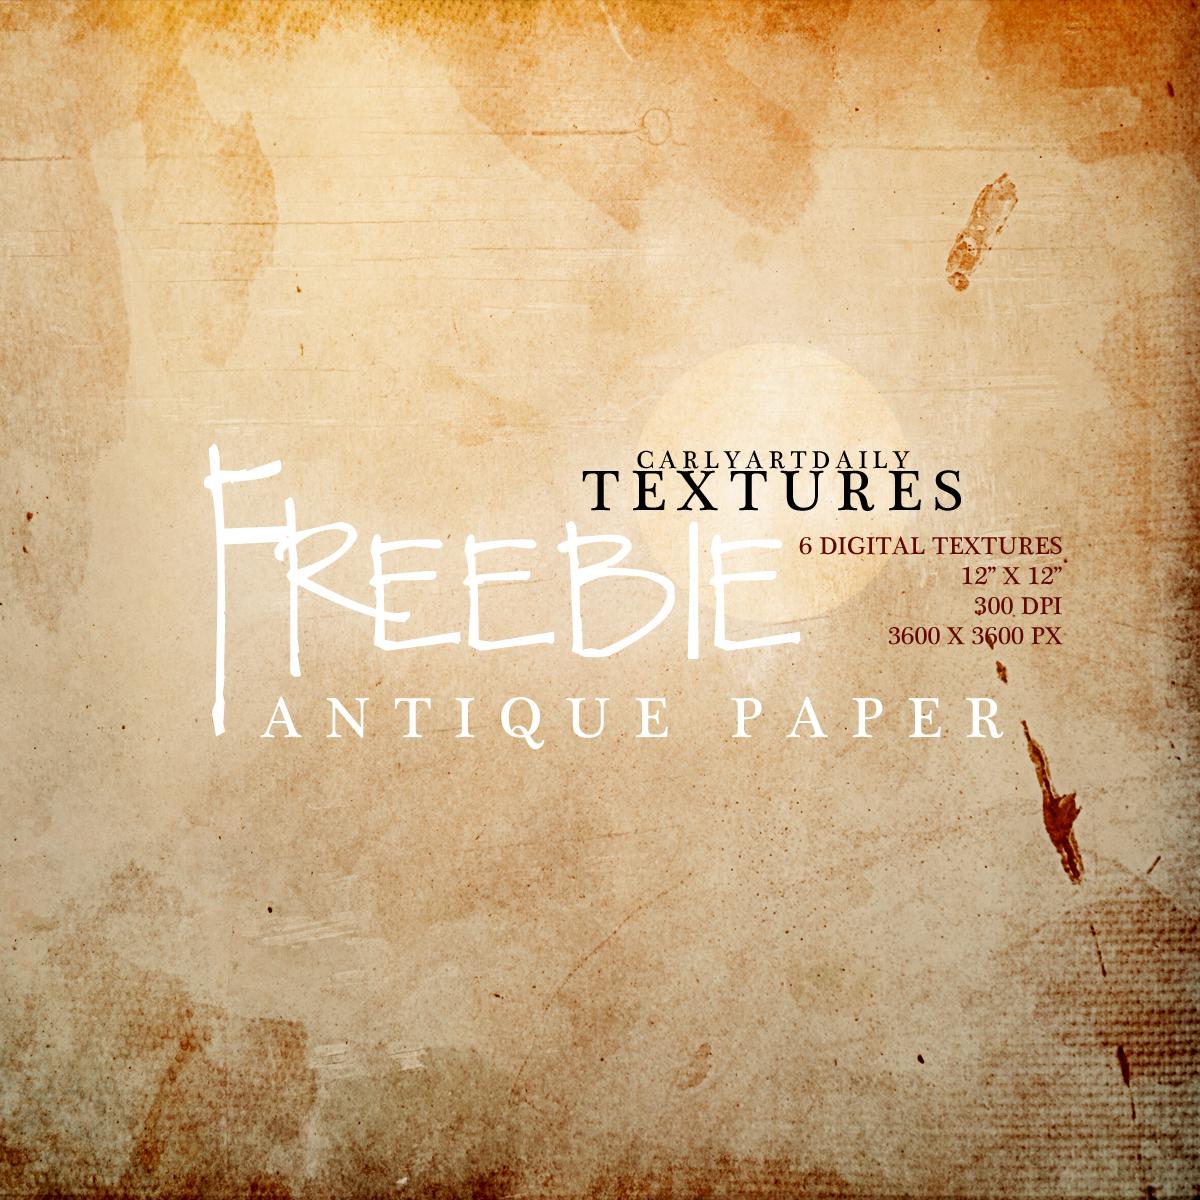 Antique Paper Freebie